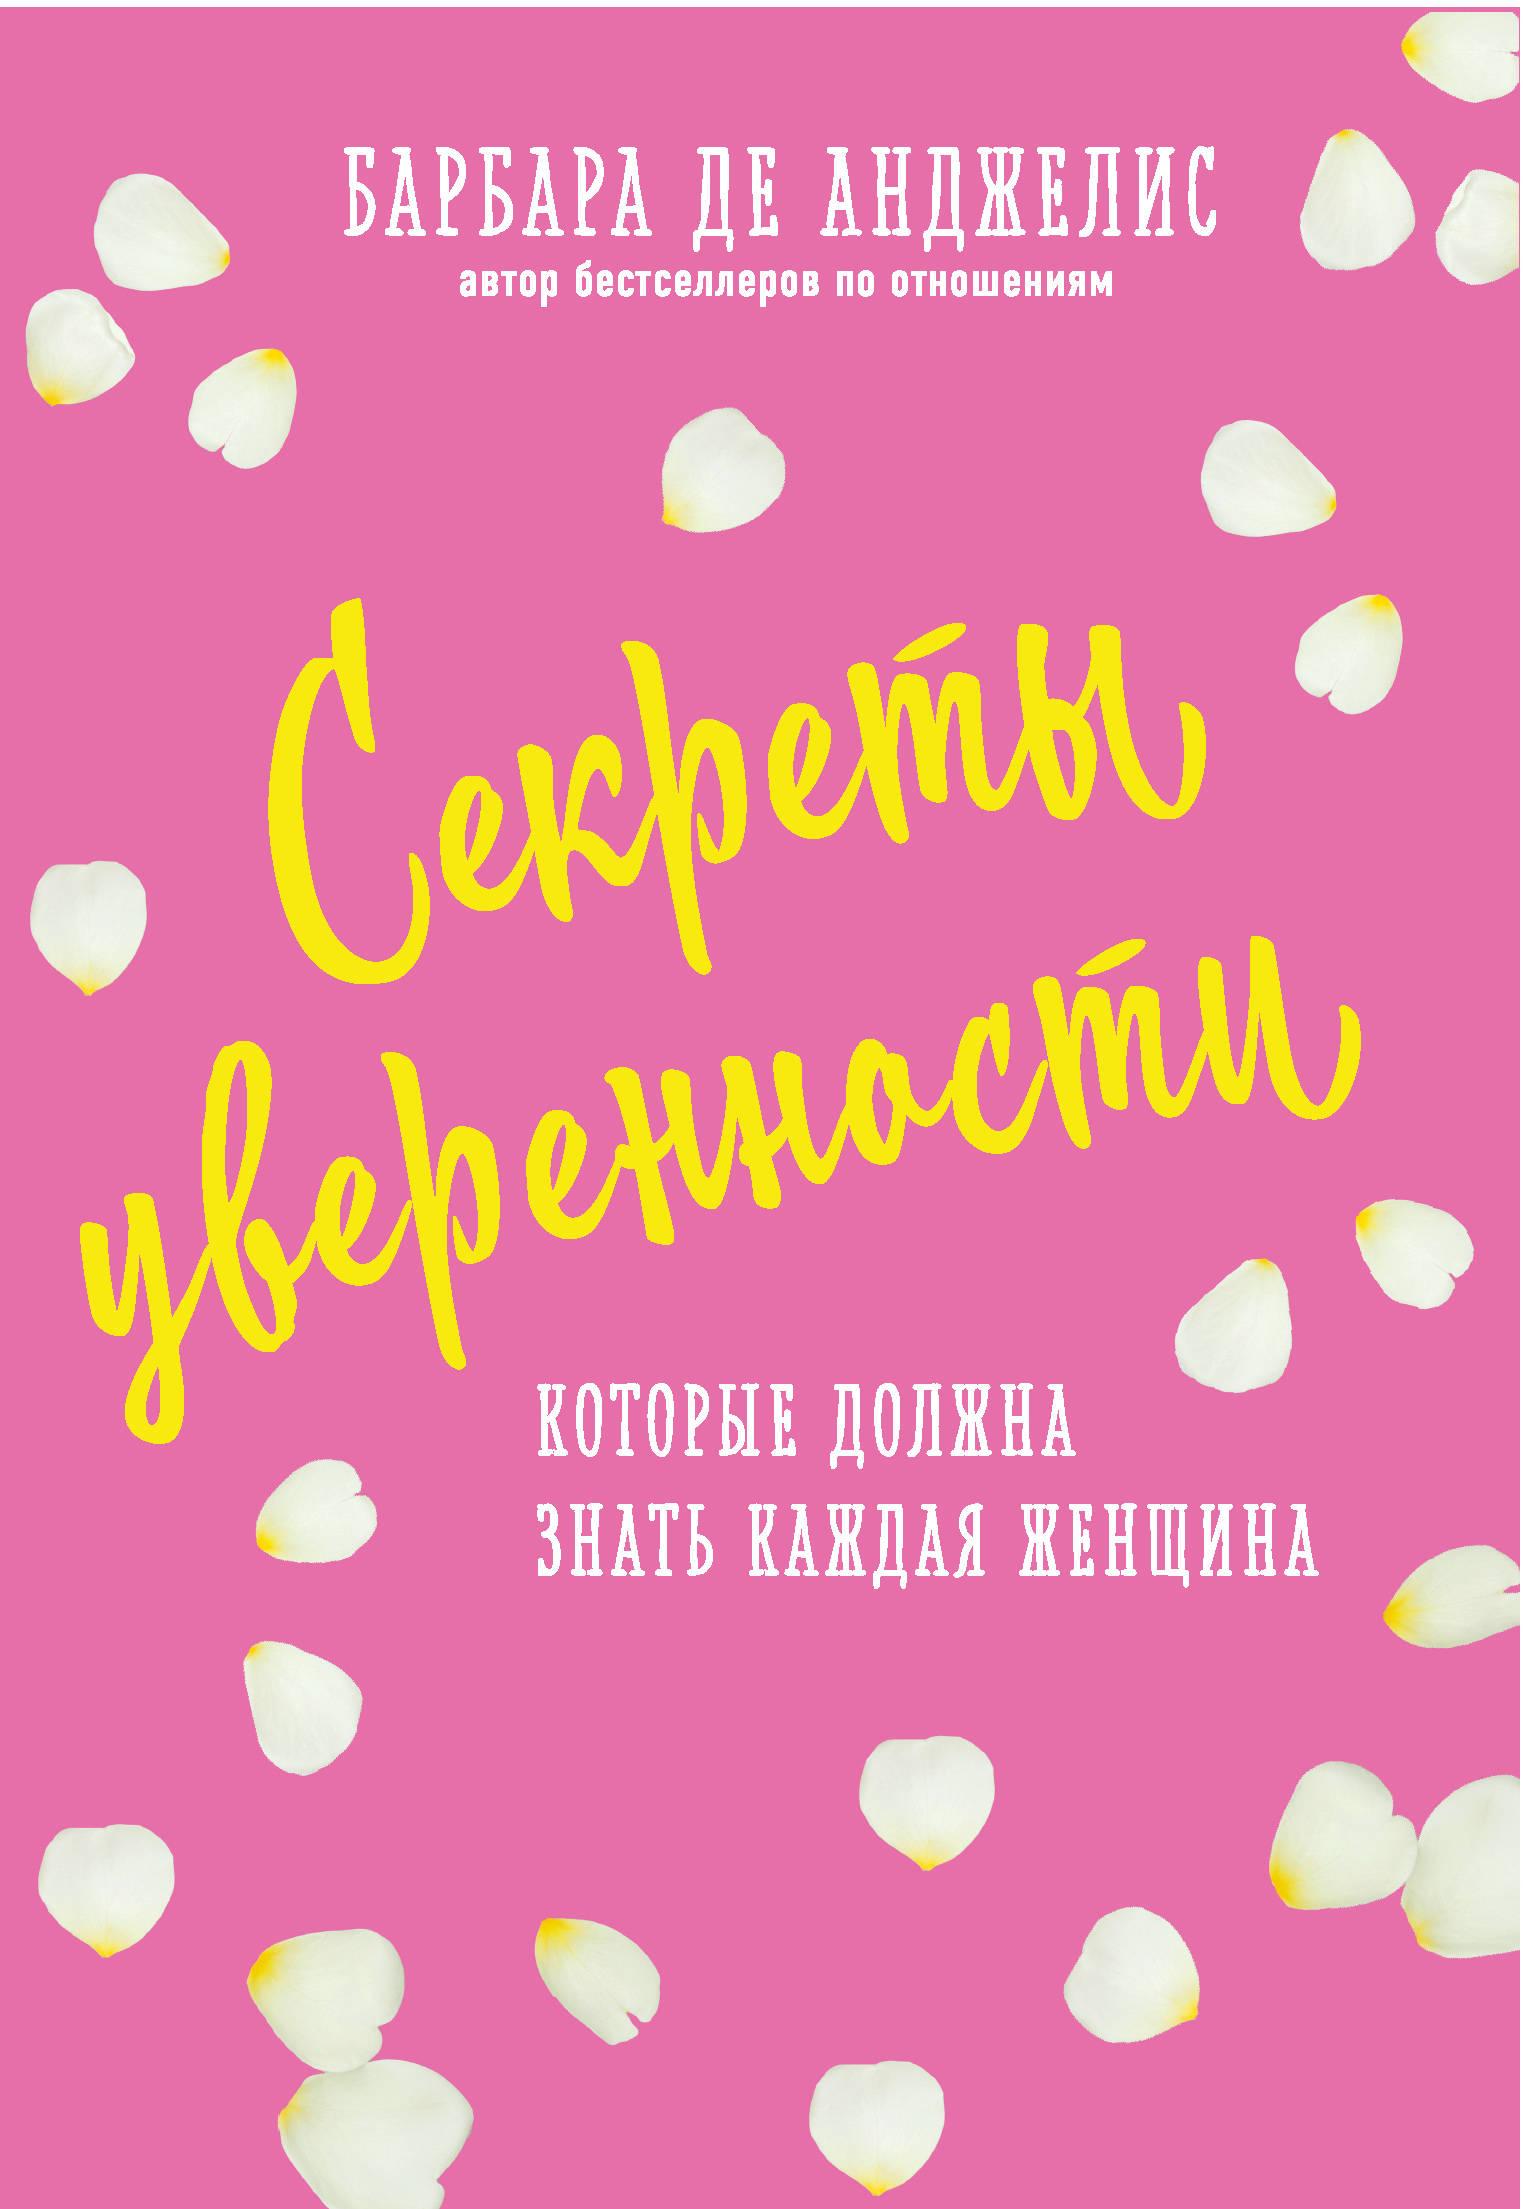 Барбара де Анджелис Секреты уверенности, которые должна знать каждая женщина барбара де анджелис книги скачать